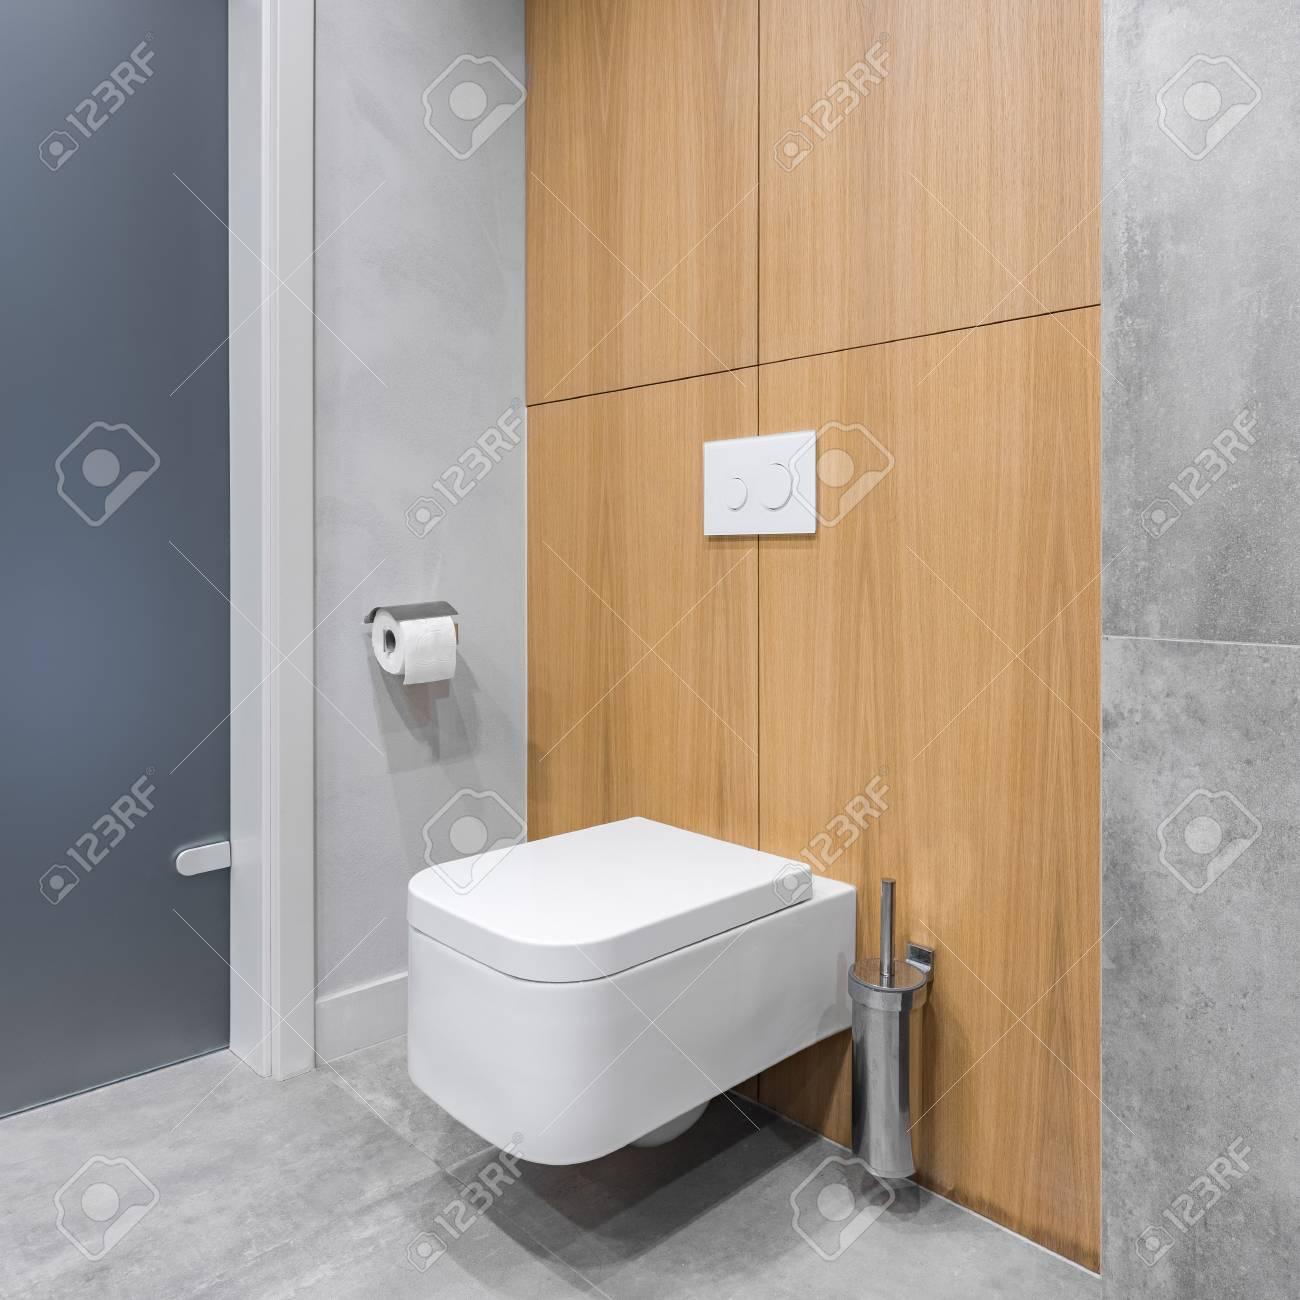 salle de bain grise avec toilettes blanches et carrelage moderne avec des details en bois banque d images et photos libres de droits image 95159744